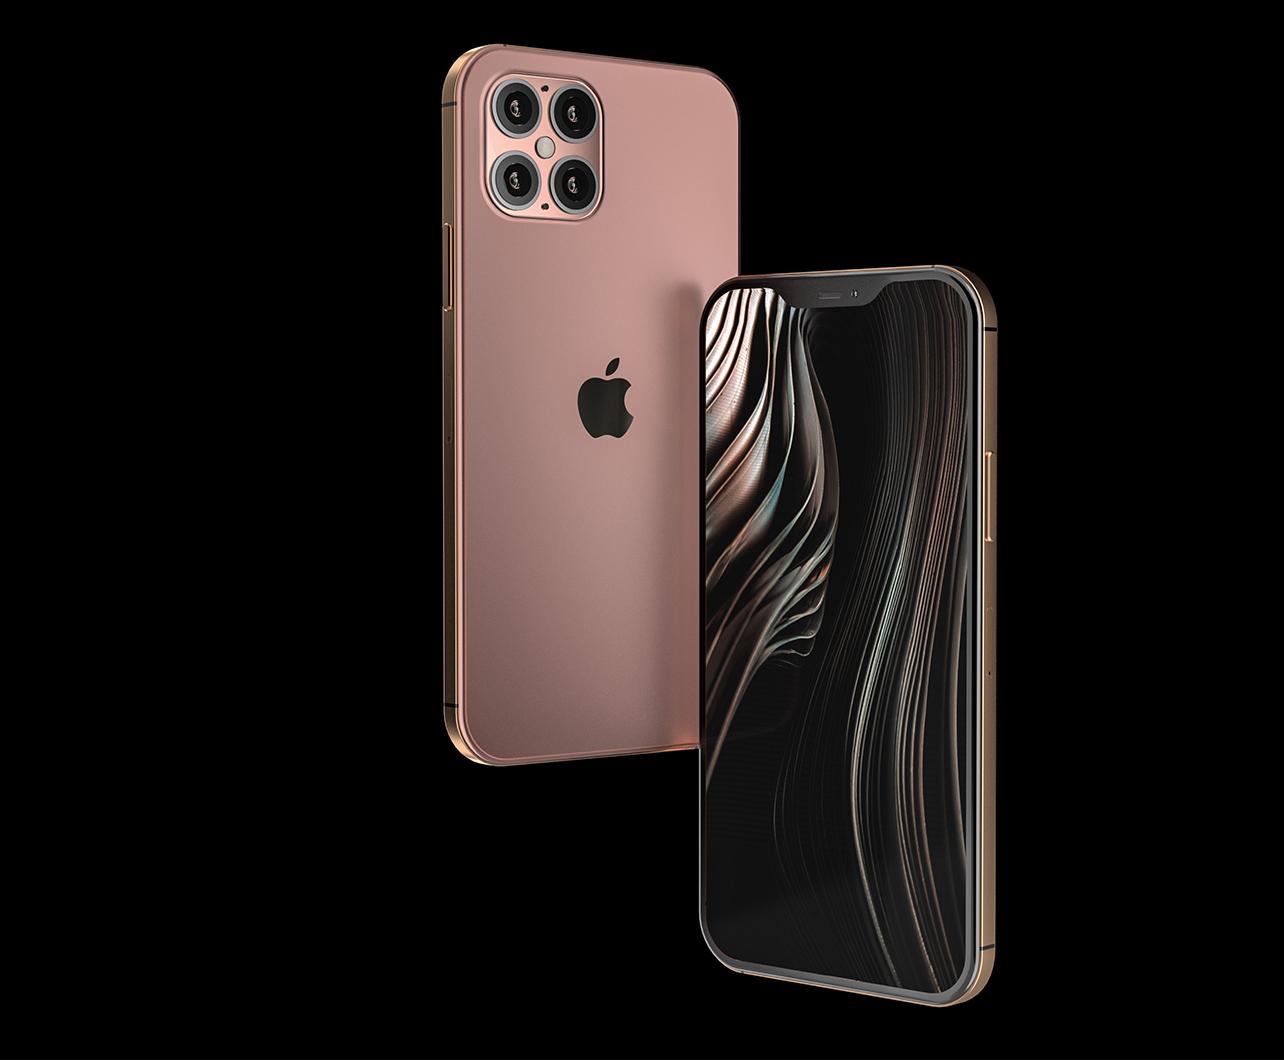 Купить Apple iPhone в интернет-магазине Comfy